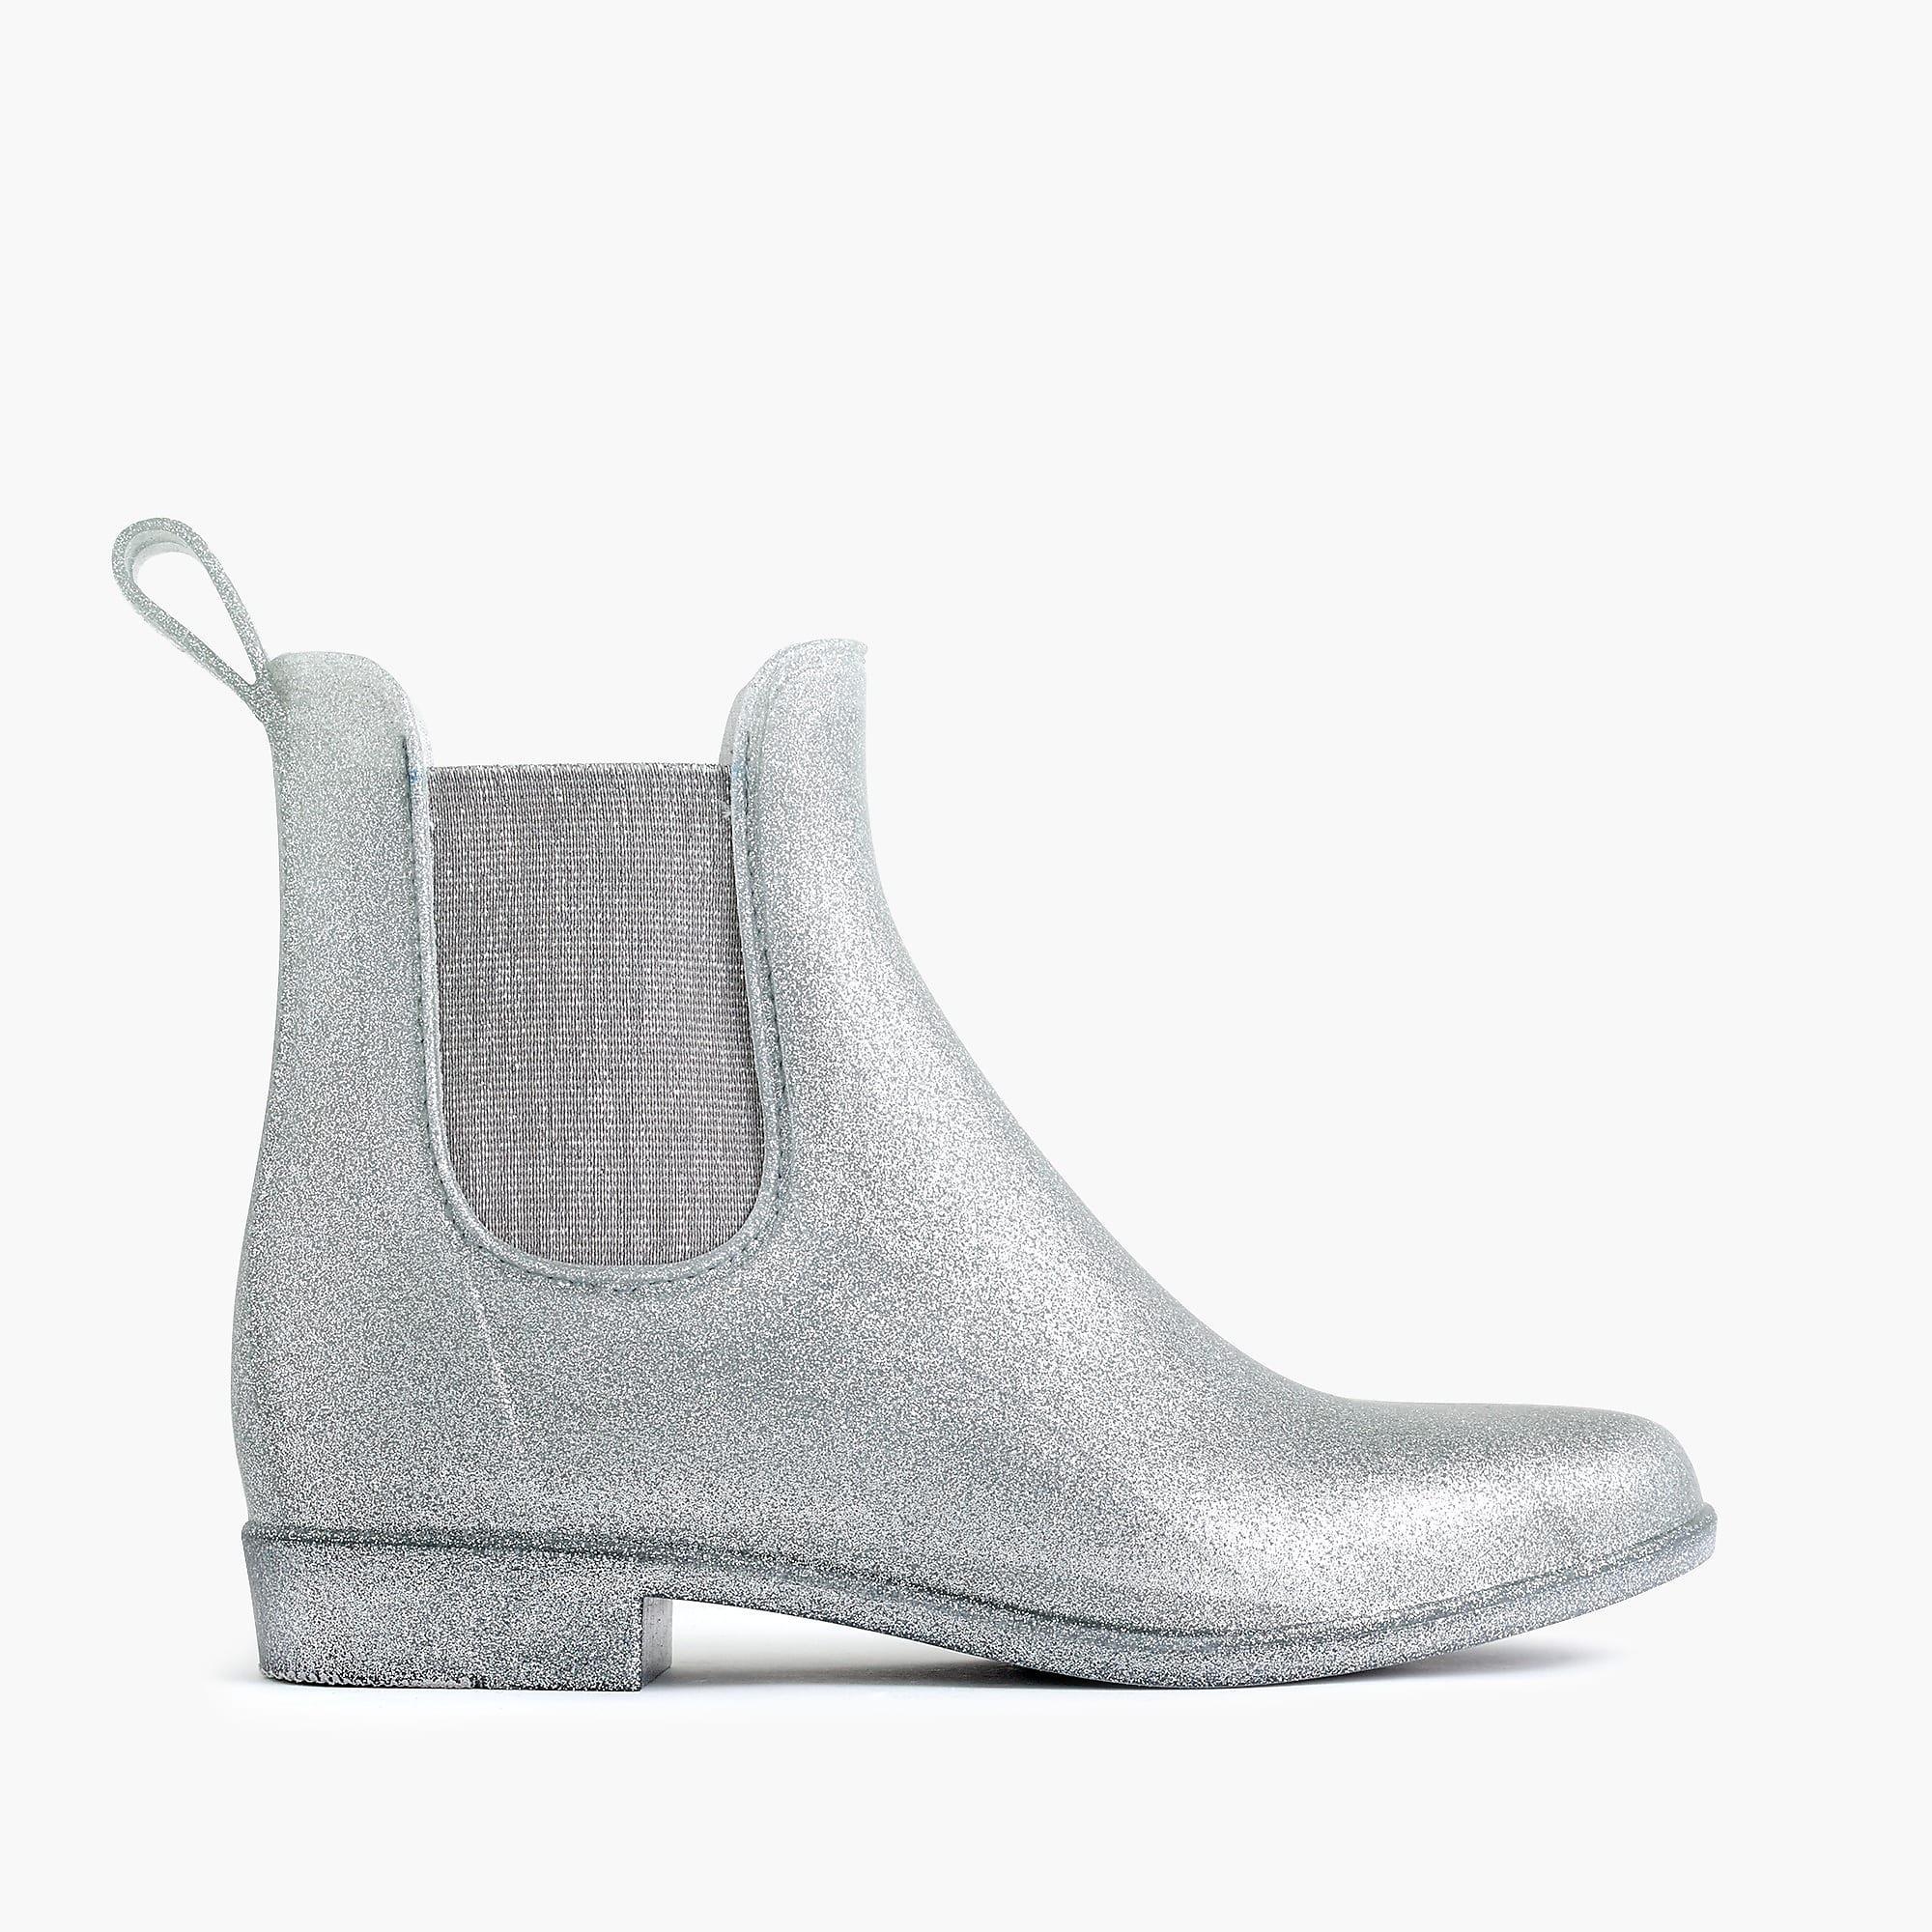 0f61f9d7829c7 ... Chelsea Rain Boots - Lyst. Visit J.Crew. Tap to visit site